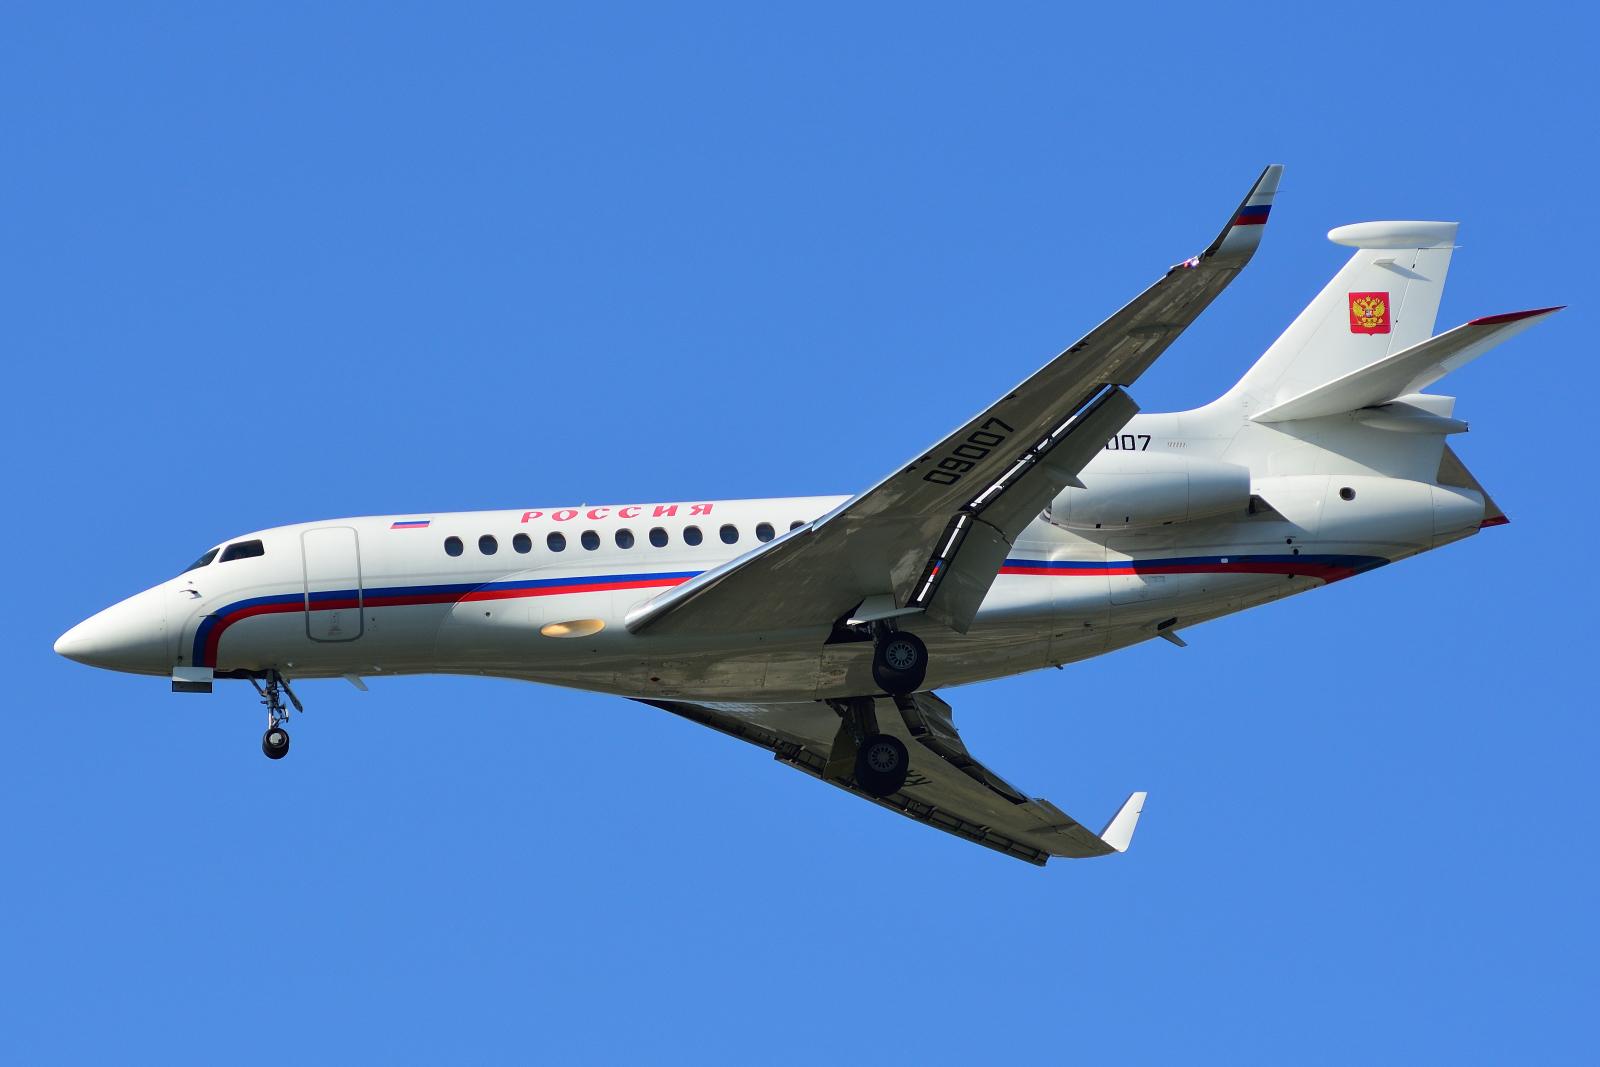 Dassault Falcon 7X, RA-09007